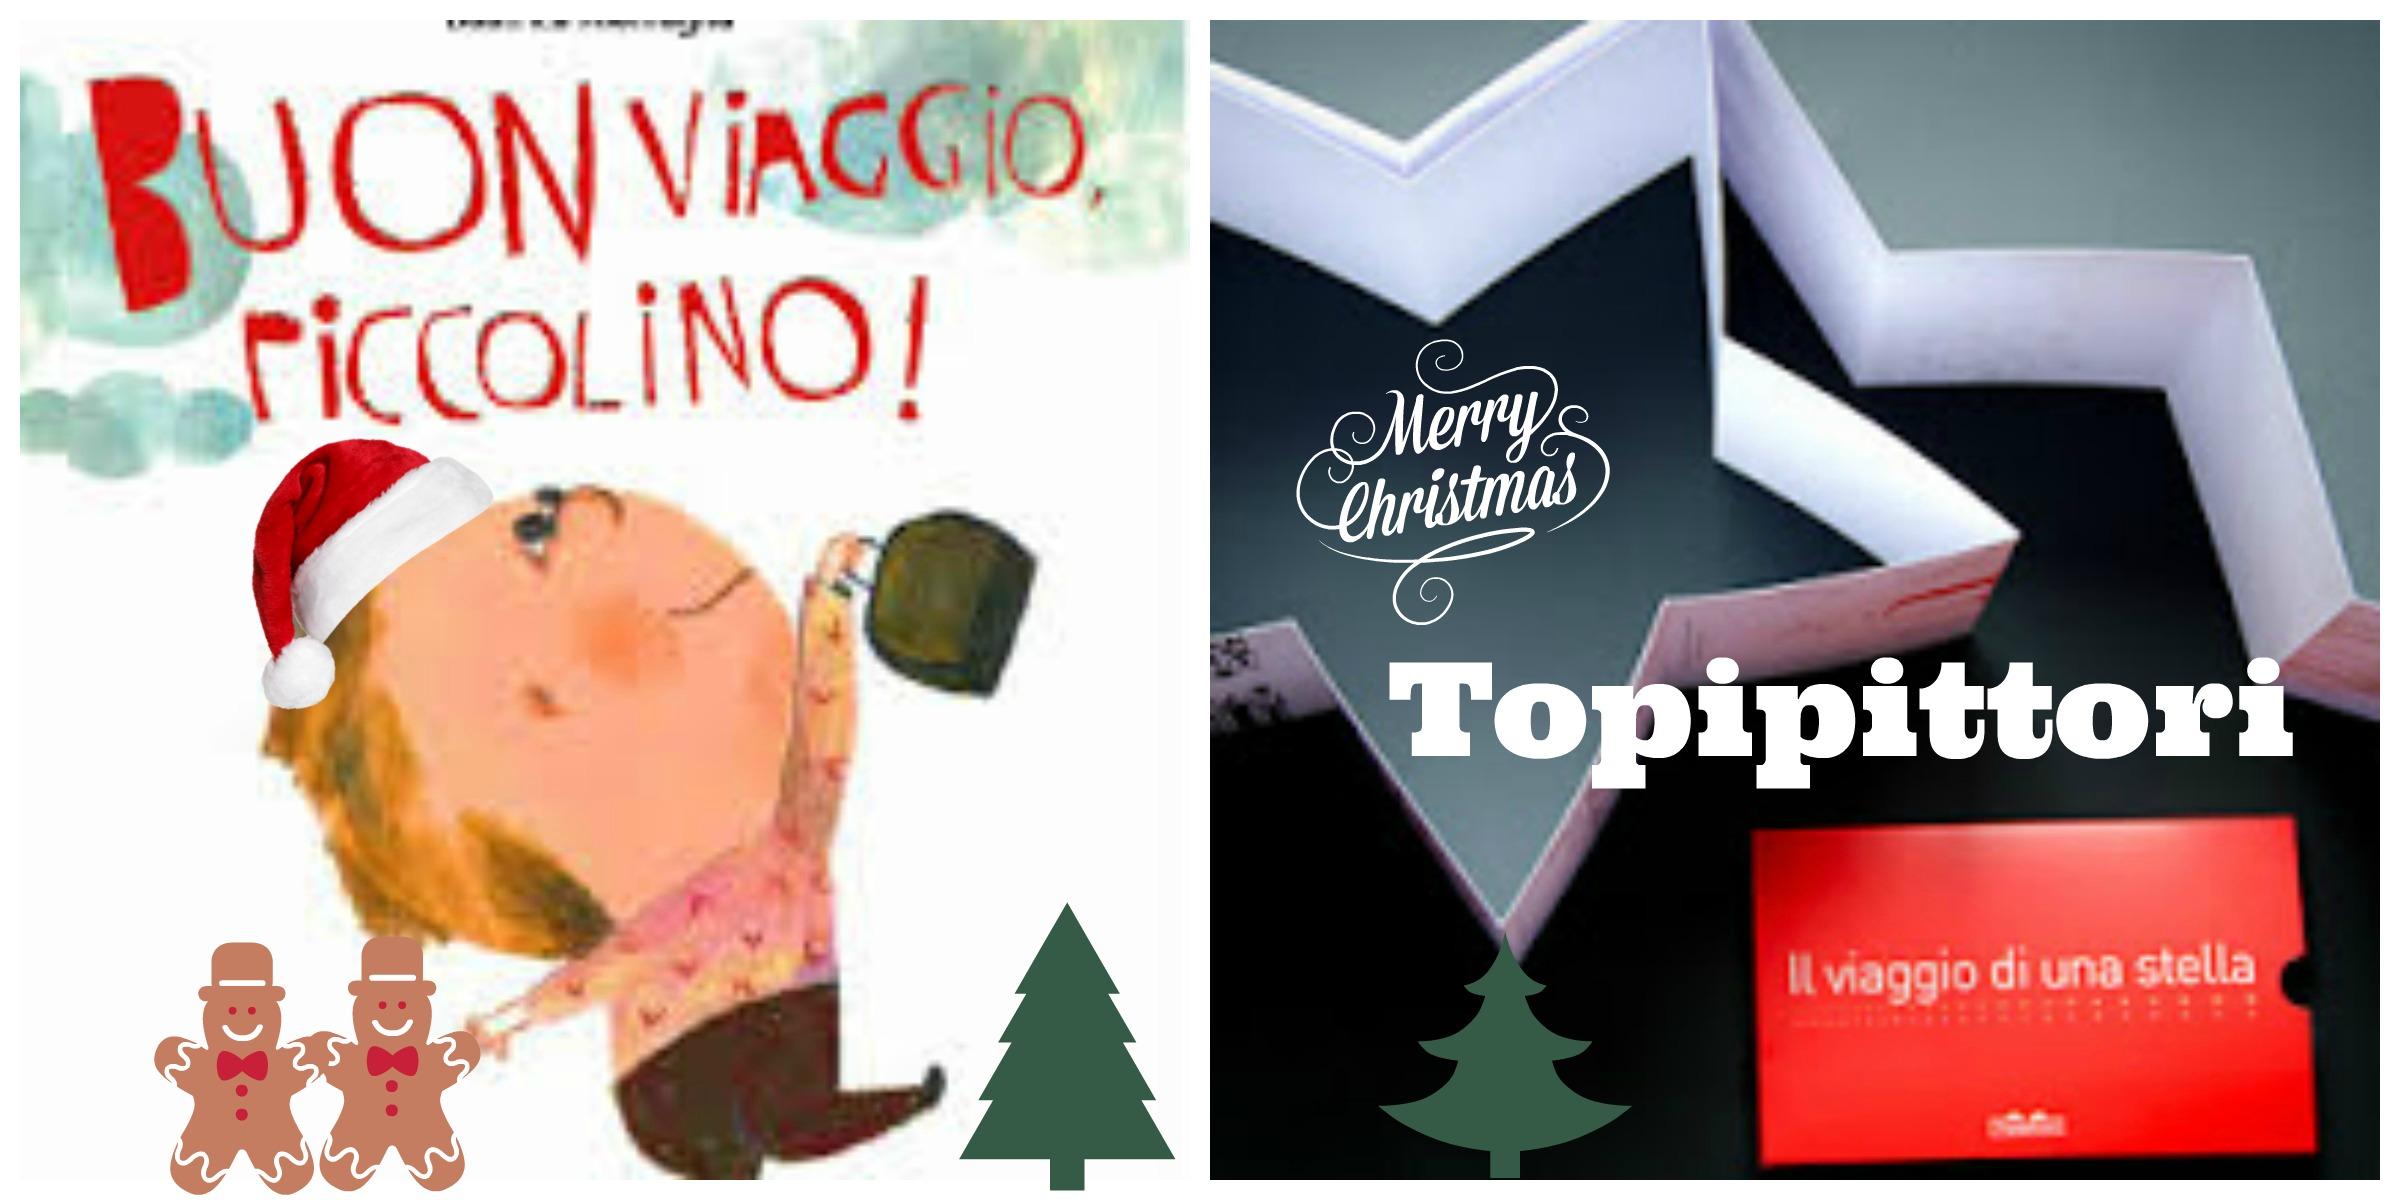 libri per bambini da mettere sotto l'albero questo natale - Topipittori